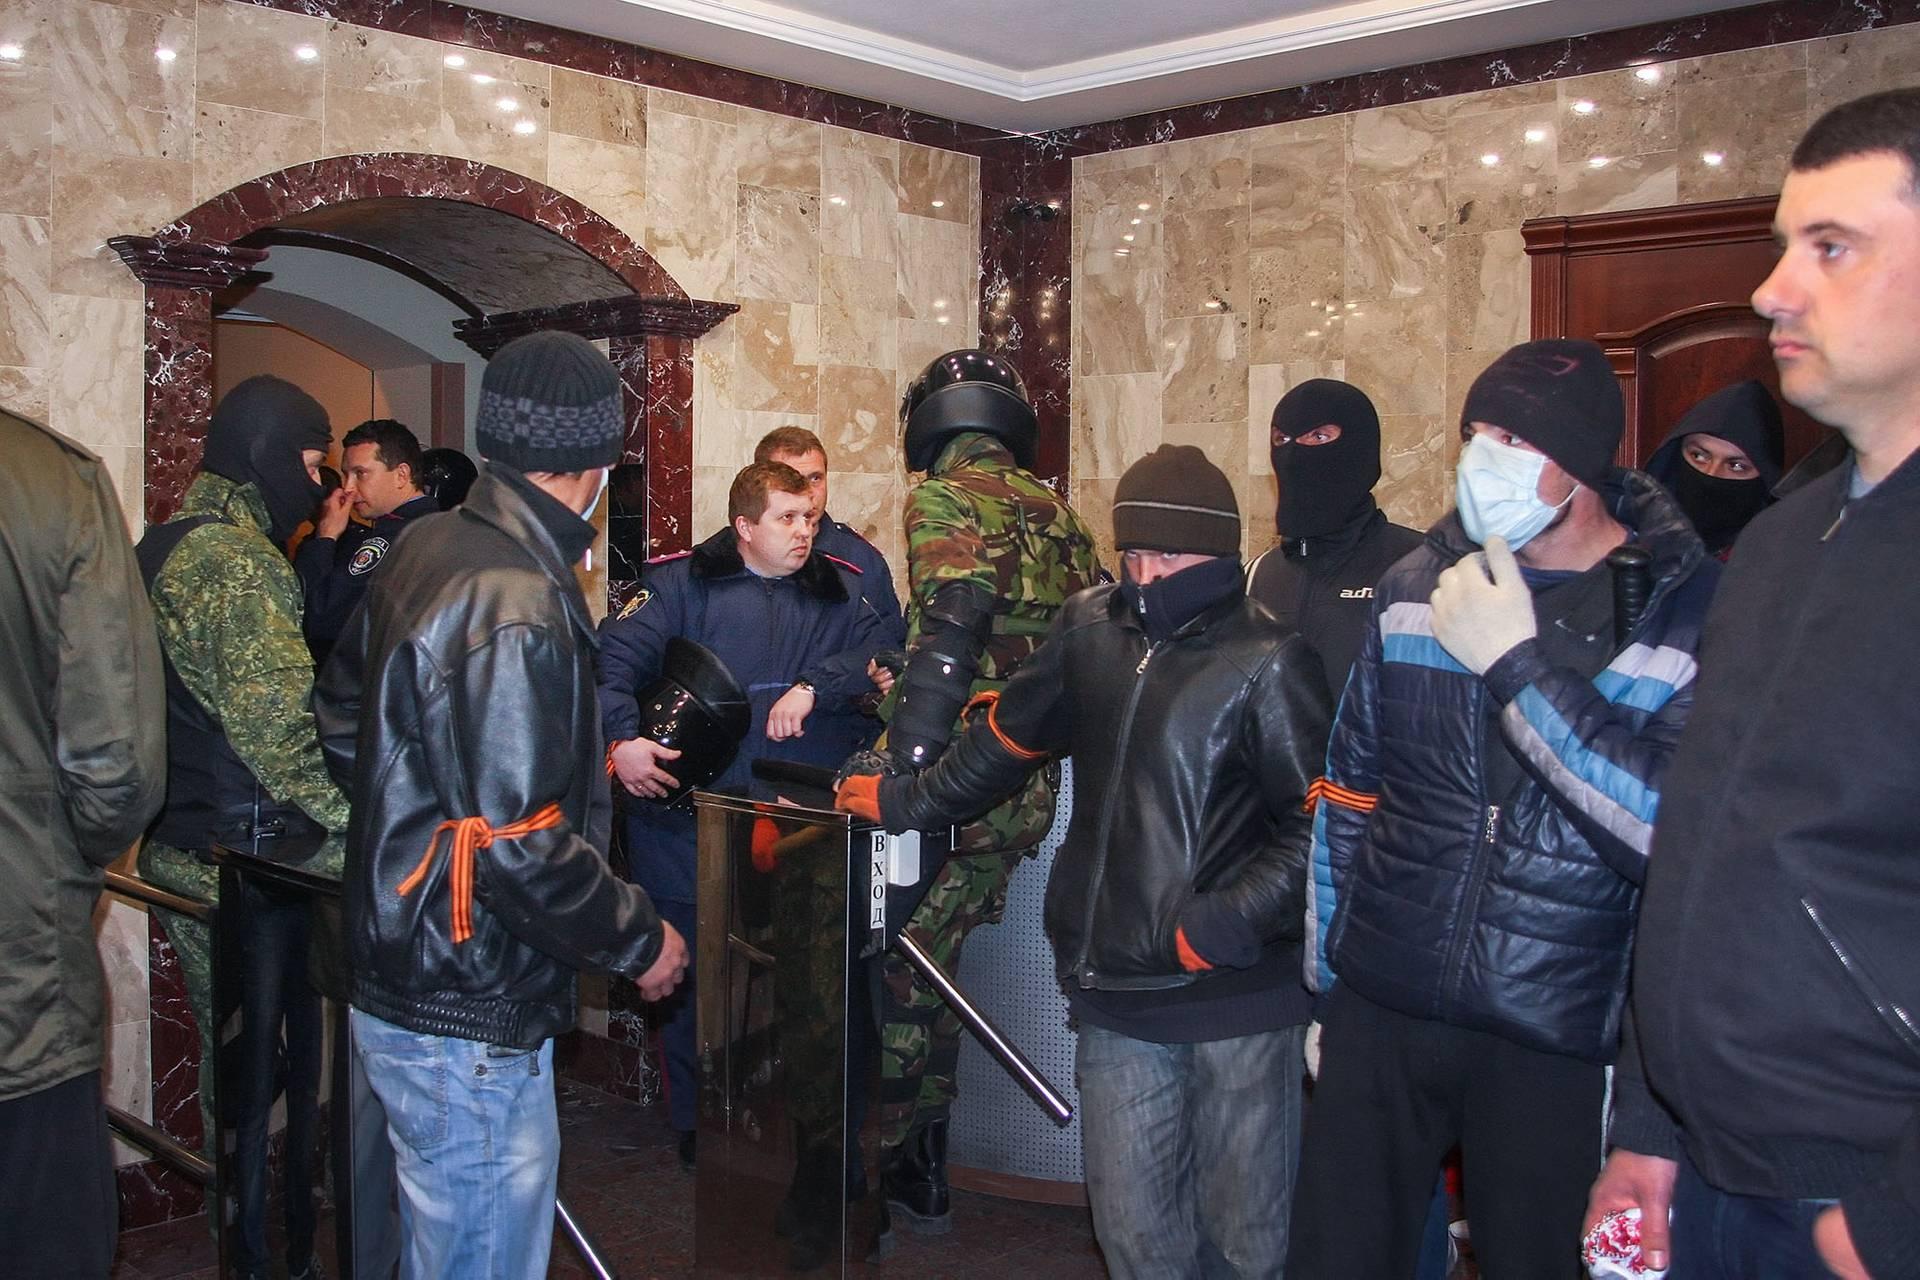 Озброєні чоловіки та міліціонери стоять у приміщенні регіонального донецького відділення МВС, захопленого проросійськими сепаратистами в Донецьку, 12 квітня 2014 року